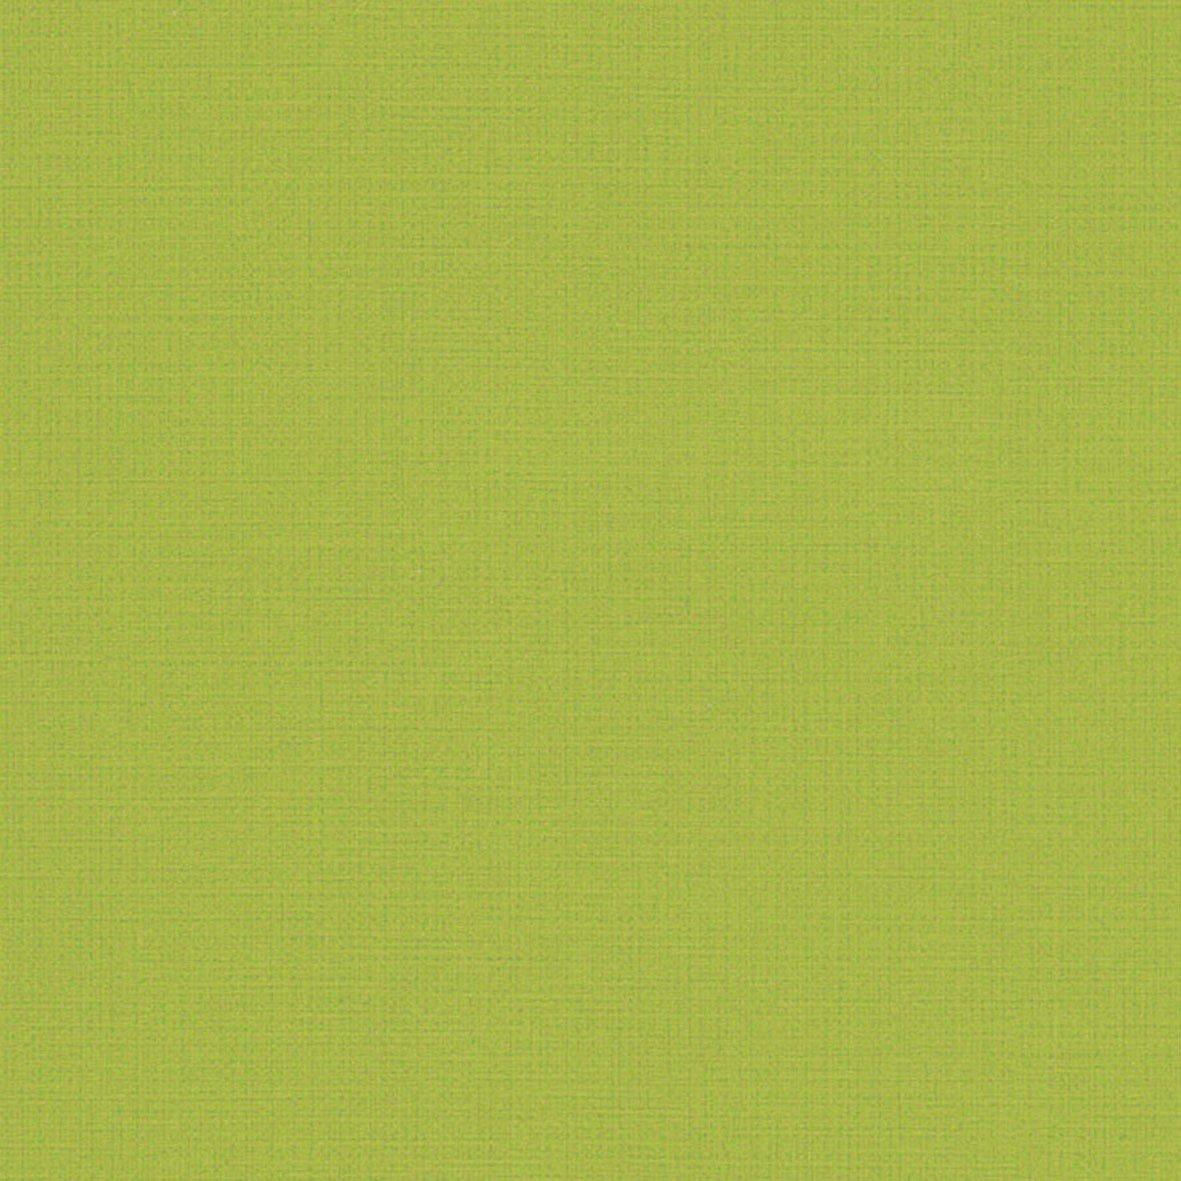 リリカラ 壁紙46m シンフル 無地 ブルー LL-8726 B01N064R1Q 46m,ブルー4